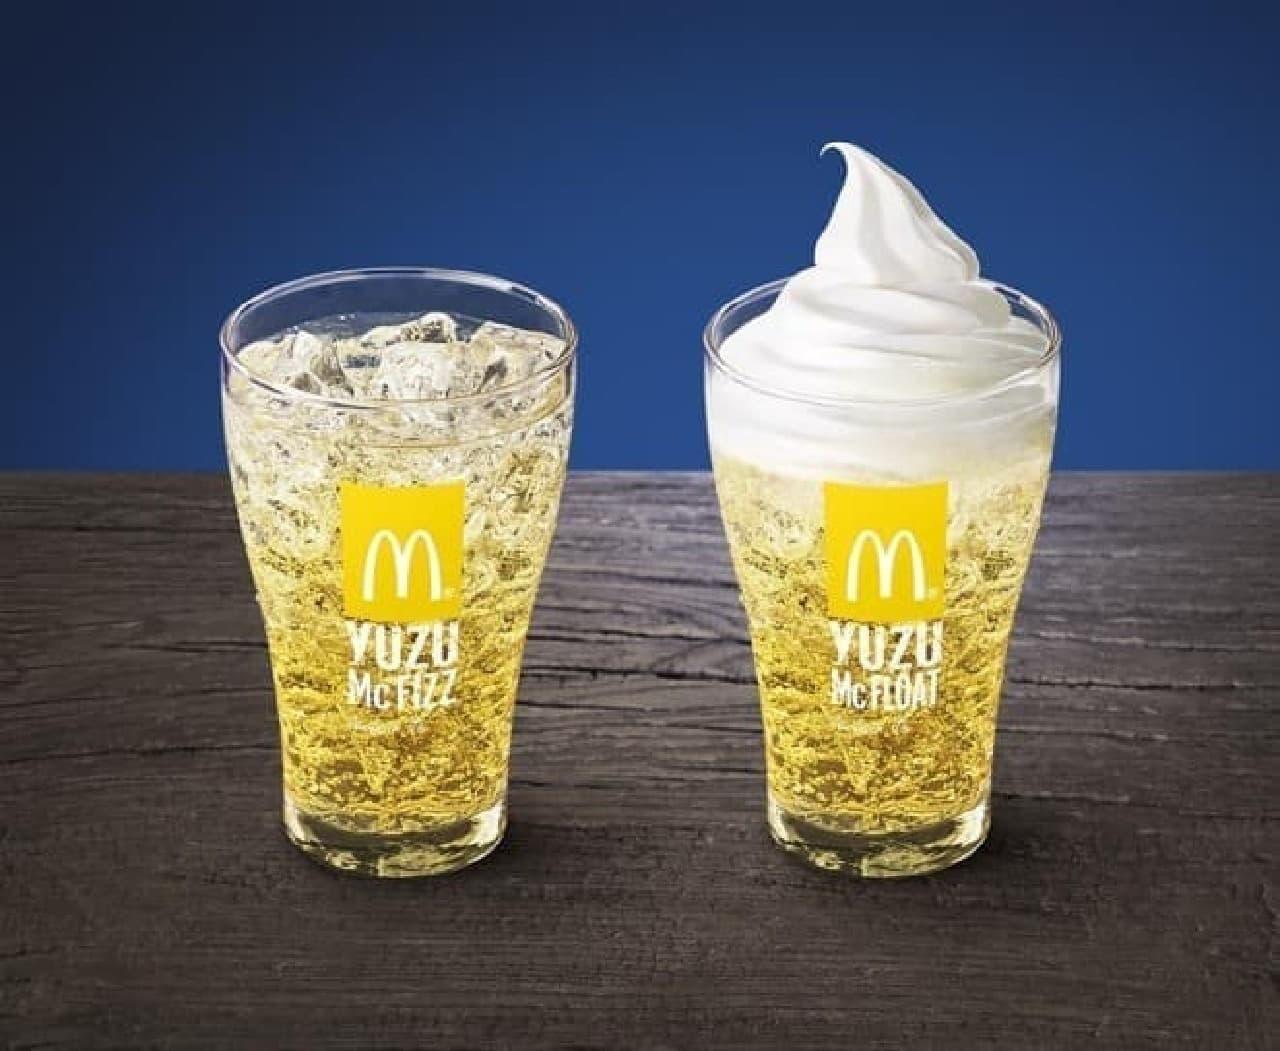 マクドナルド「マックフィズゆず」「マックフロートゆず」